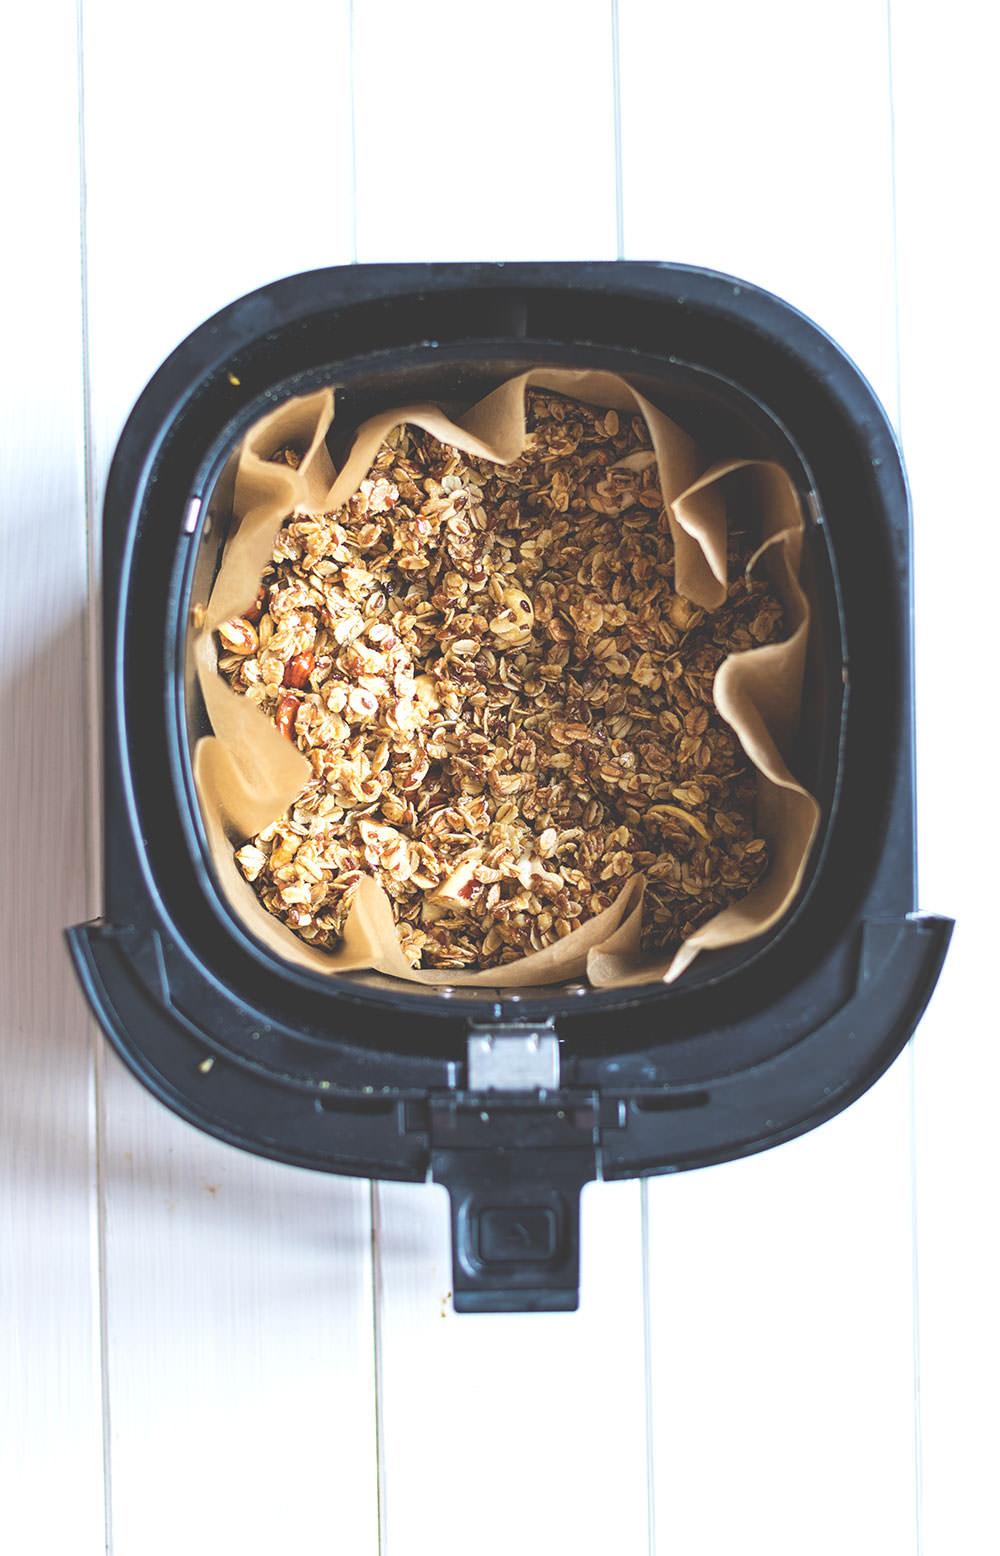 Rezept für Ahornsirup-Nuss-Granola aus dem Airfryer | Schnelles Knuspermüsli aus der Heißluftfritteuse | moeyskitchen.com